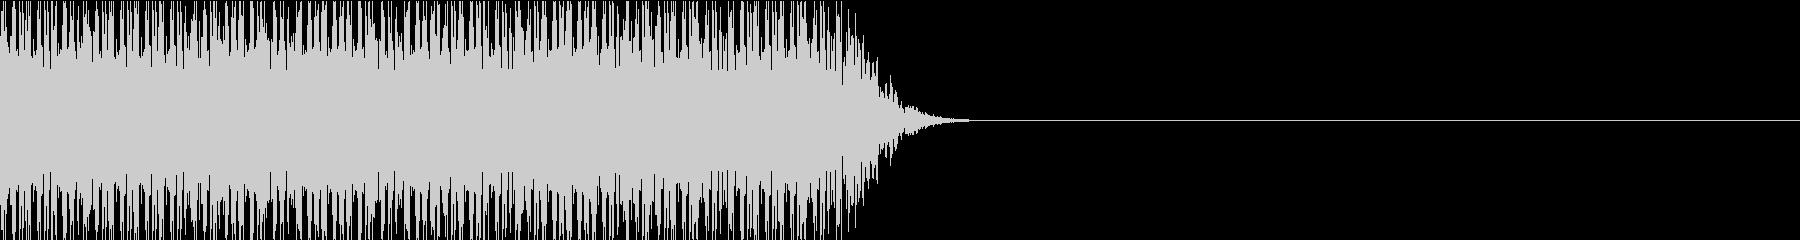 打撃音 連打 パンチ キック01 (長)の未再生の波形